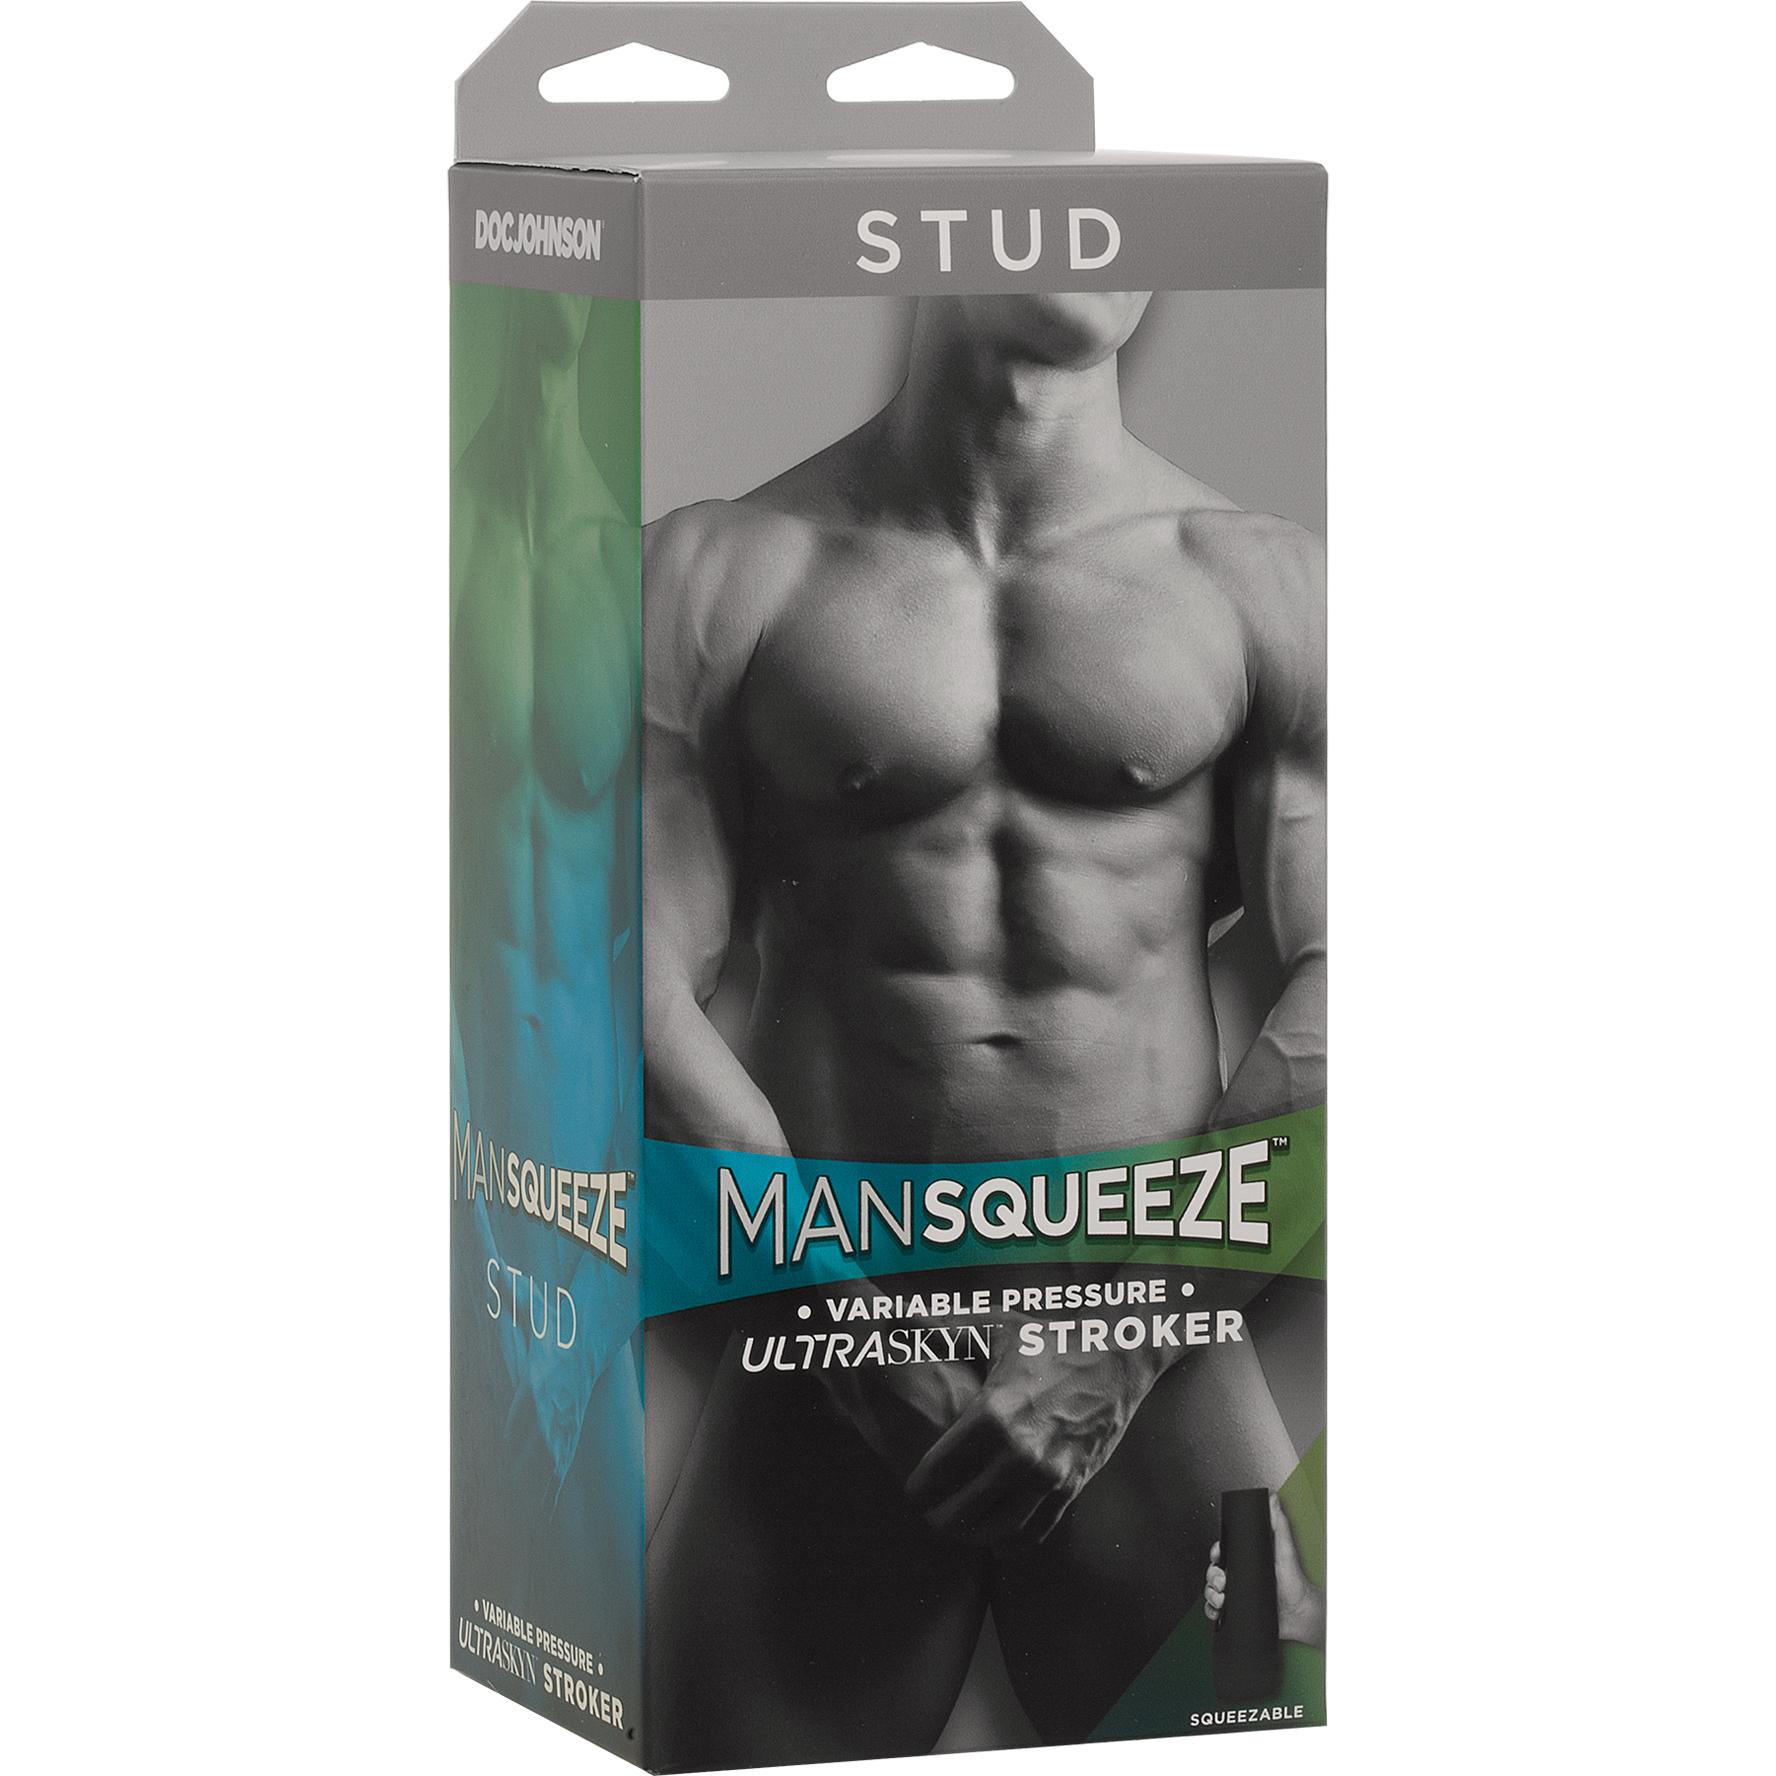 Man Squeeze Penis Masturbator Package